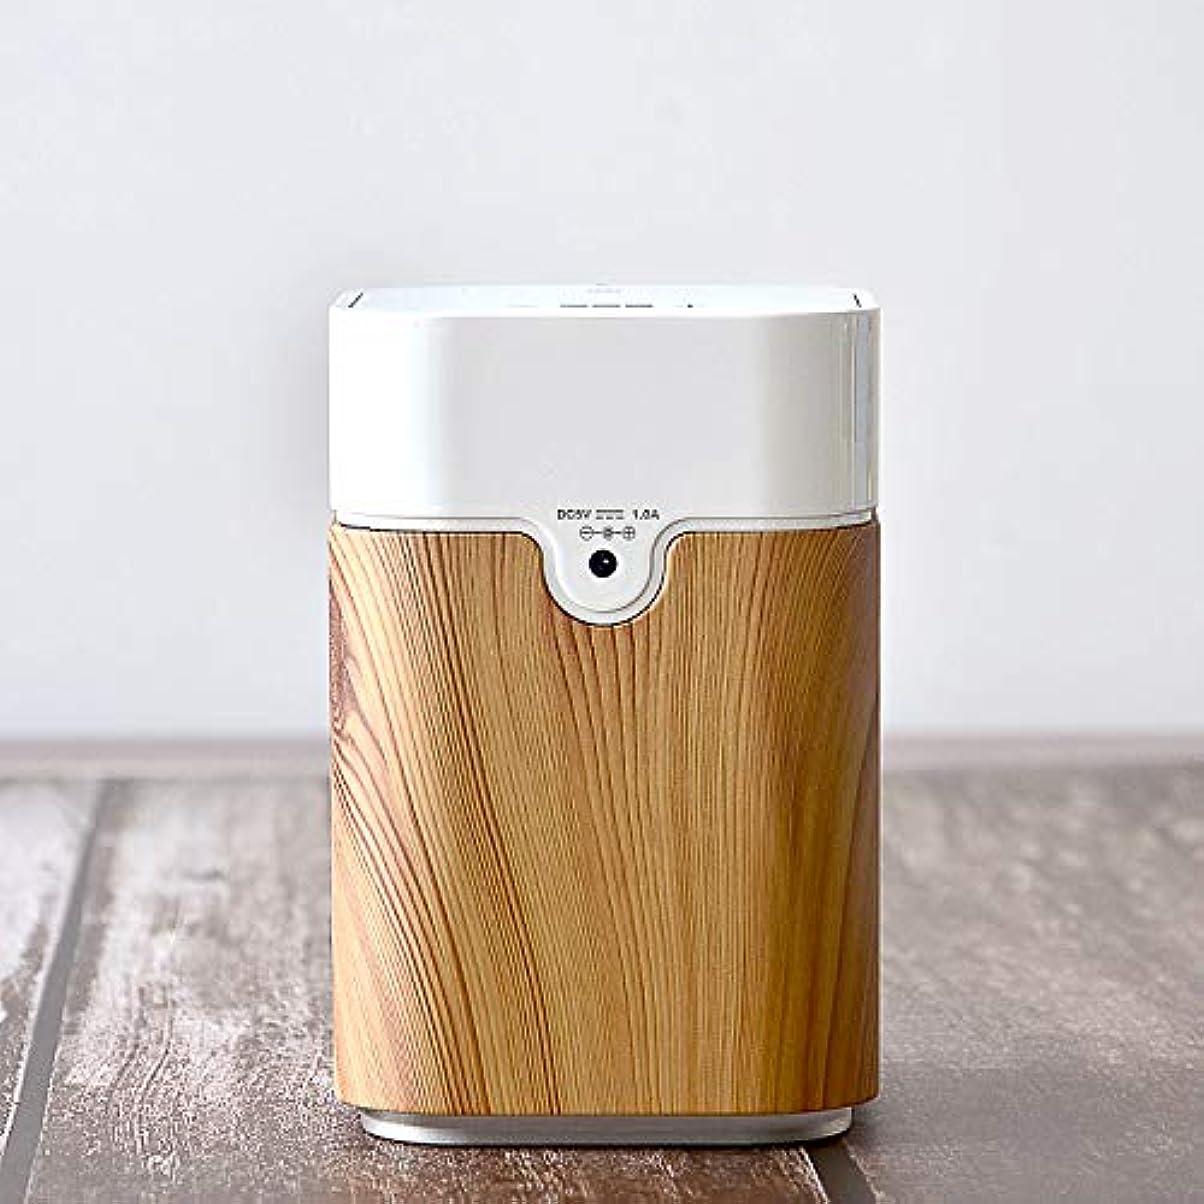 ミネラルお母さんタイプライターエッセンシャルオイル拡散器USB充電機アロマディフューザー ヨガ室 整体院人気 タイマー機能 ネブライザー式 量調整可能 付き